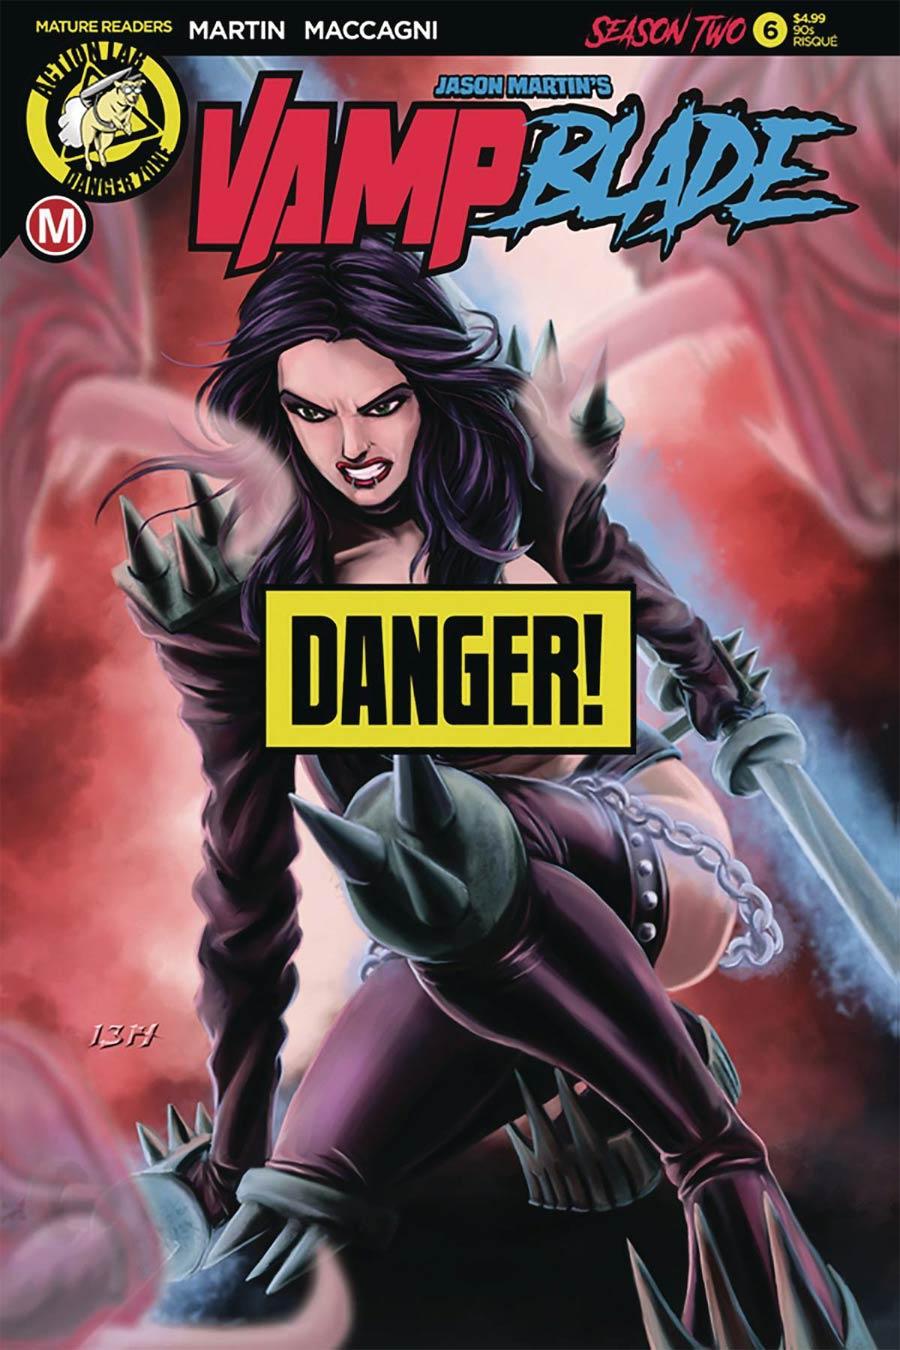 Vampblade Season 2 #6 Cover F Variant Ben Hansen 90s Risque Cover